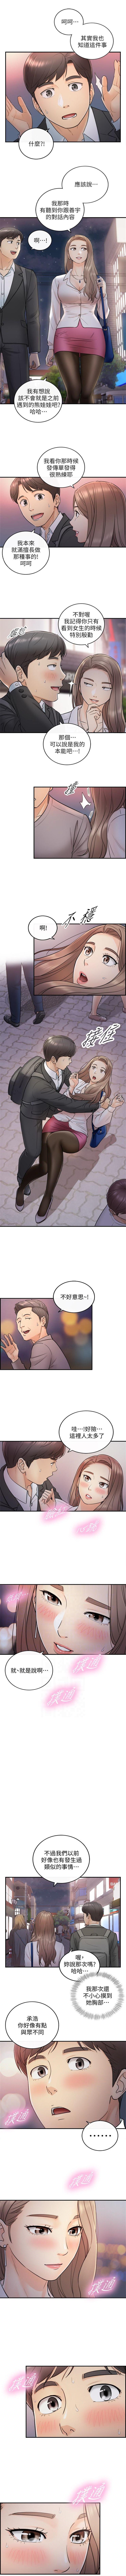 (週5)正妹小主管 1-39 中文翻譯(更新中) 78